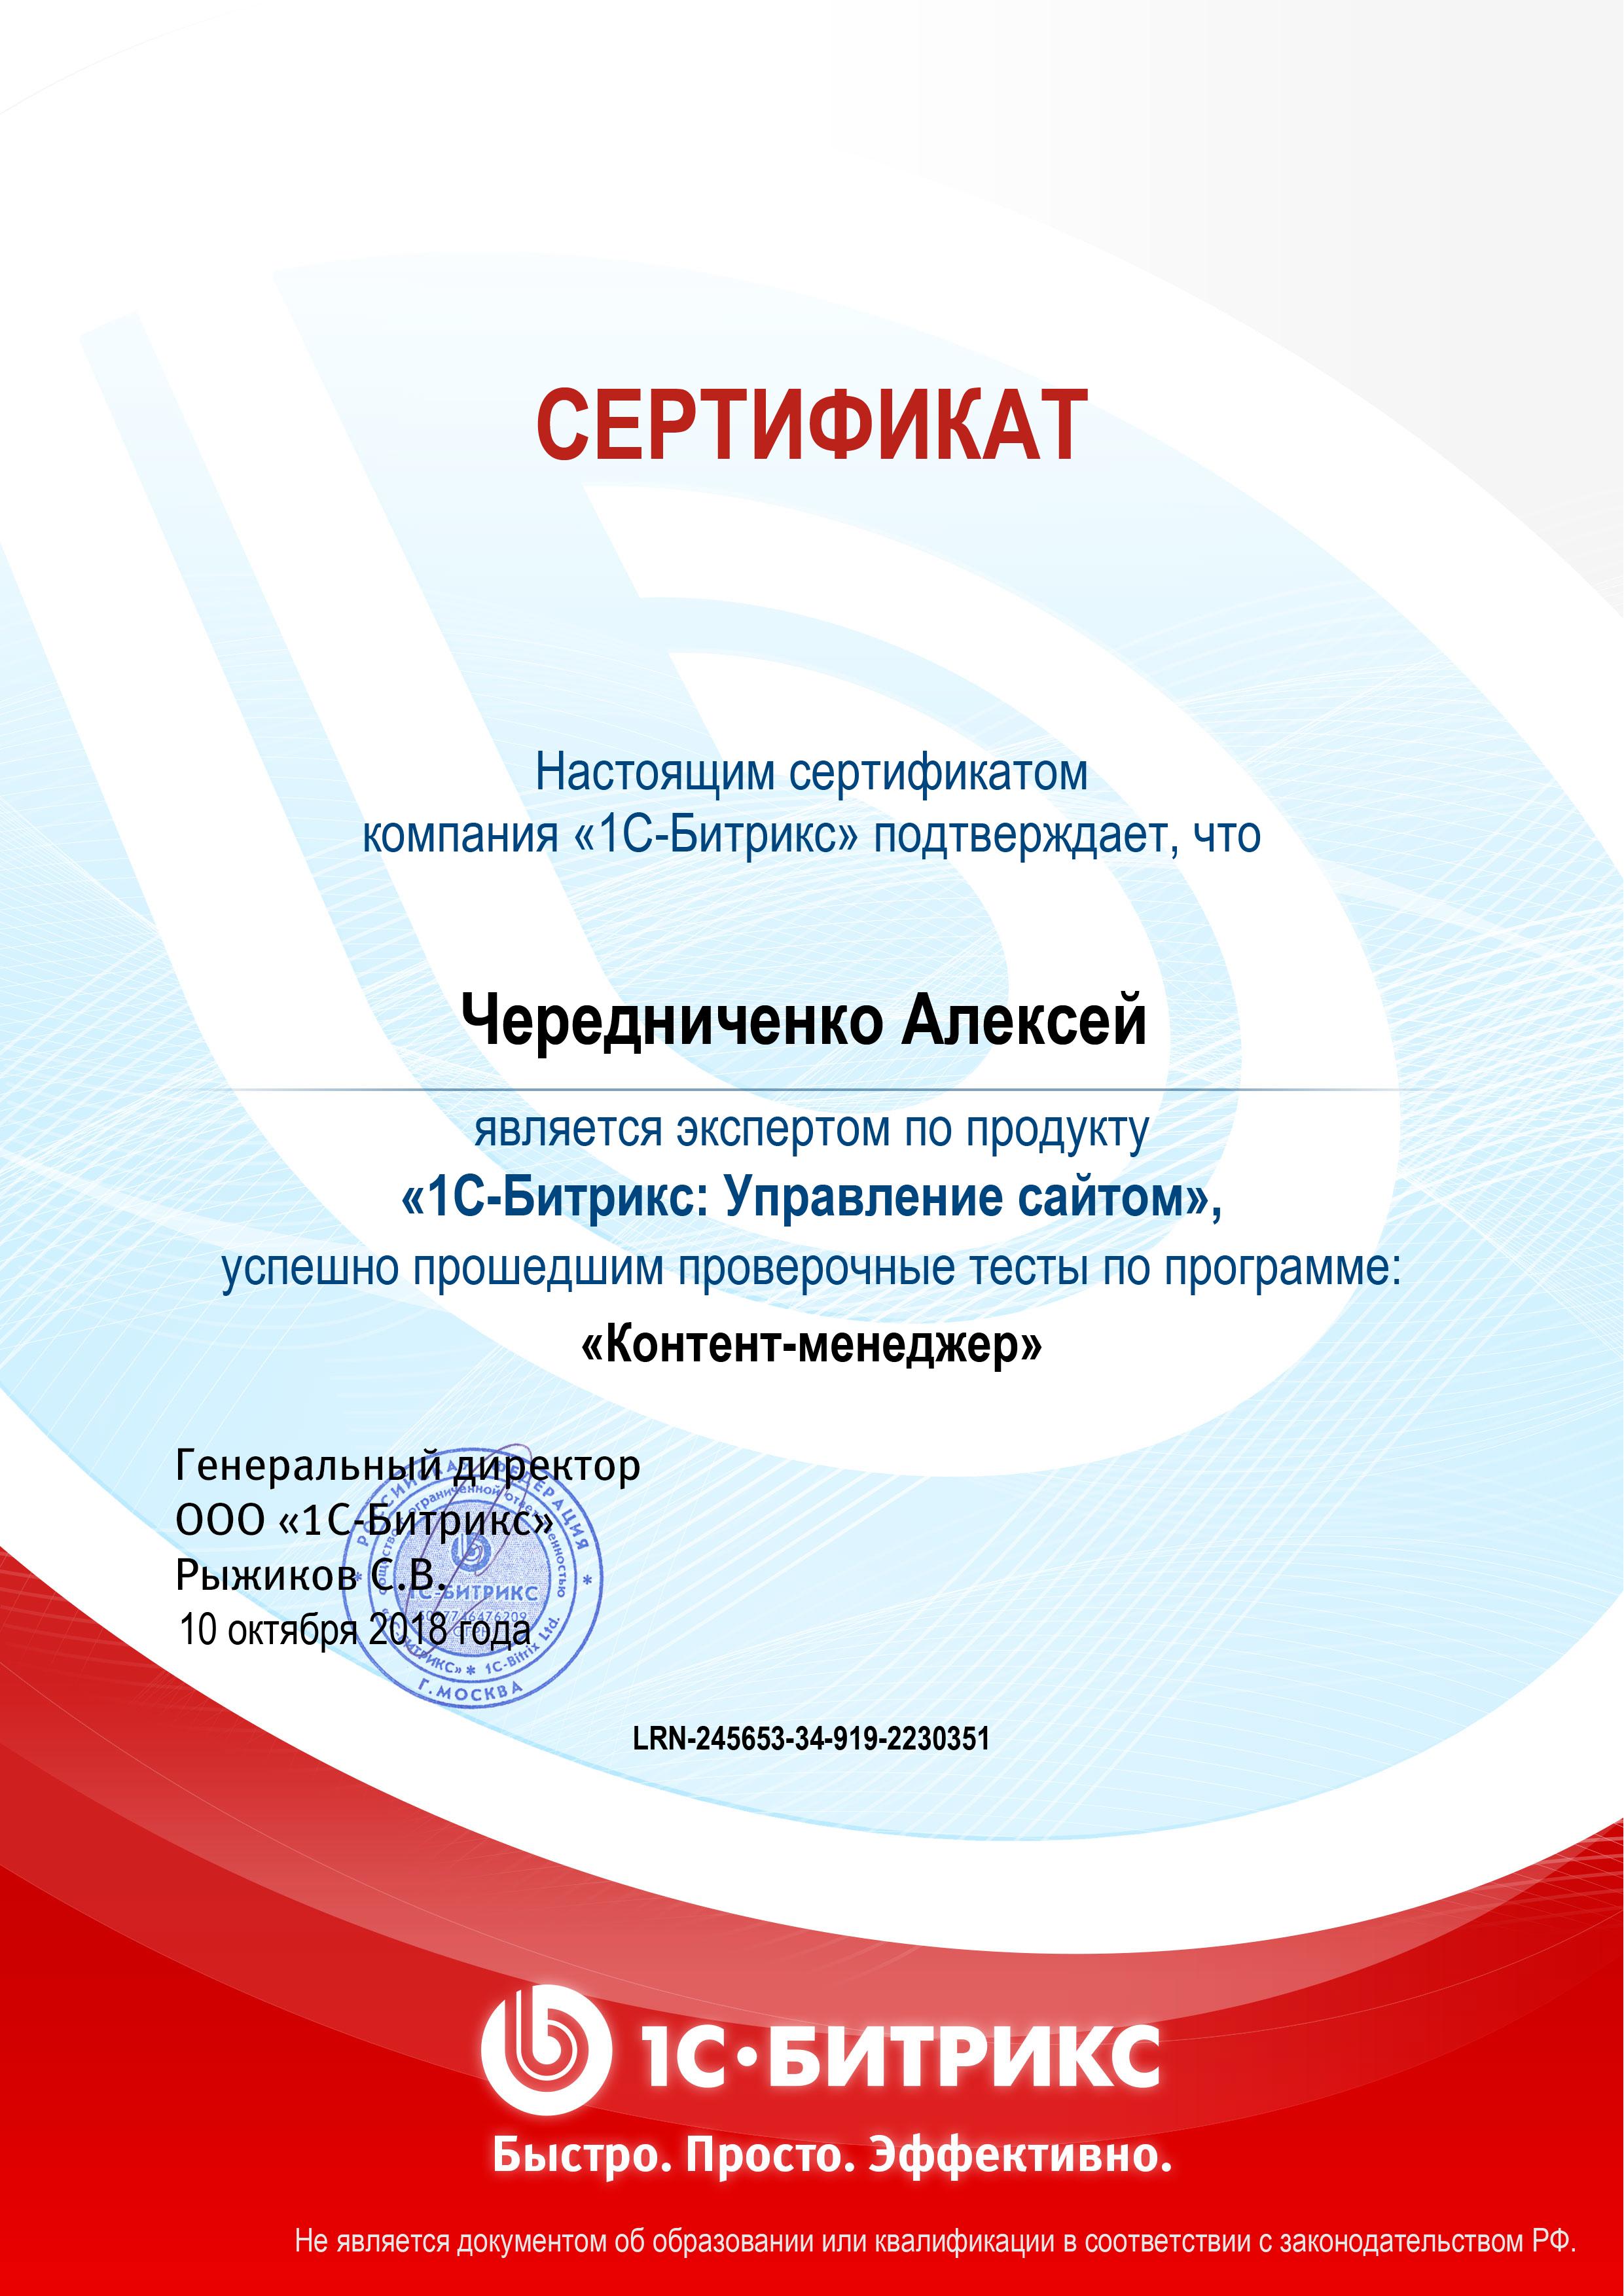 Сертификат Контент-менеджер